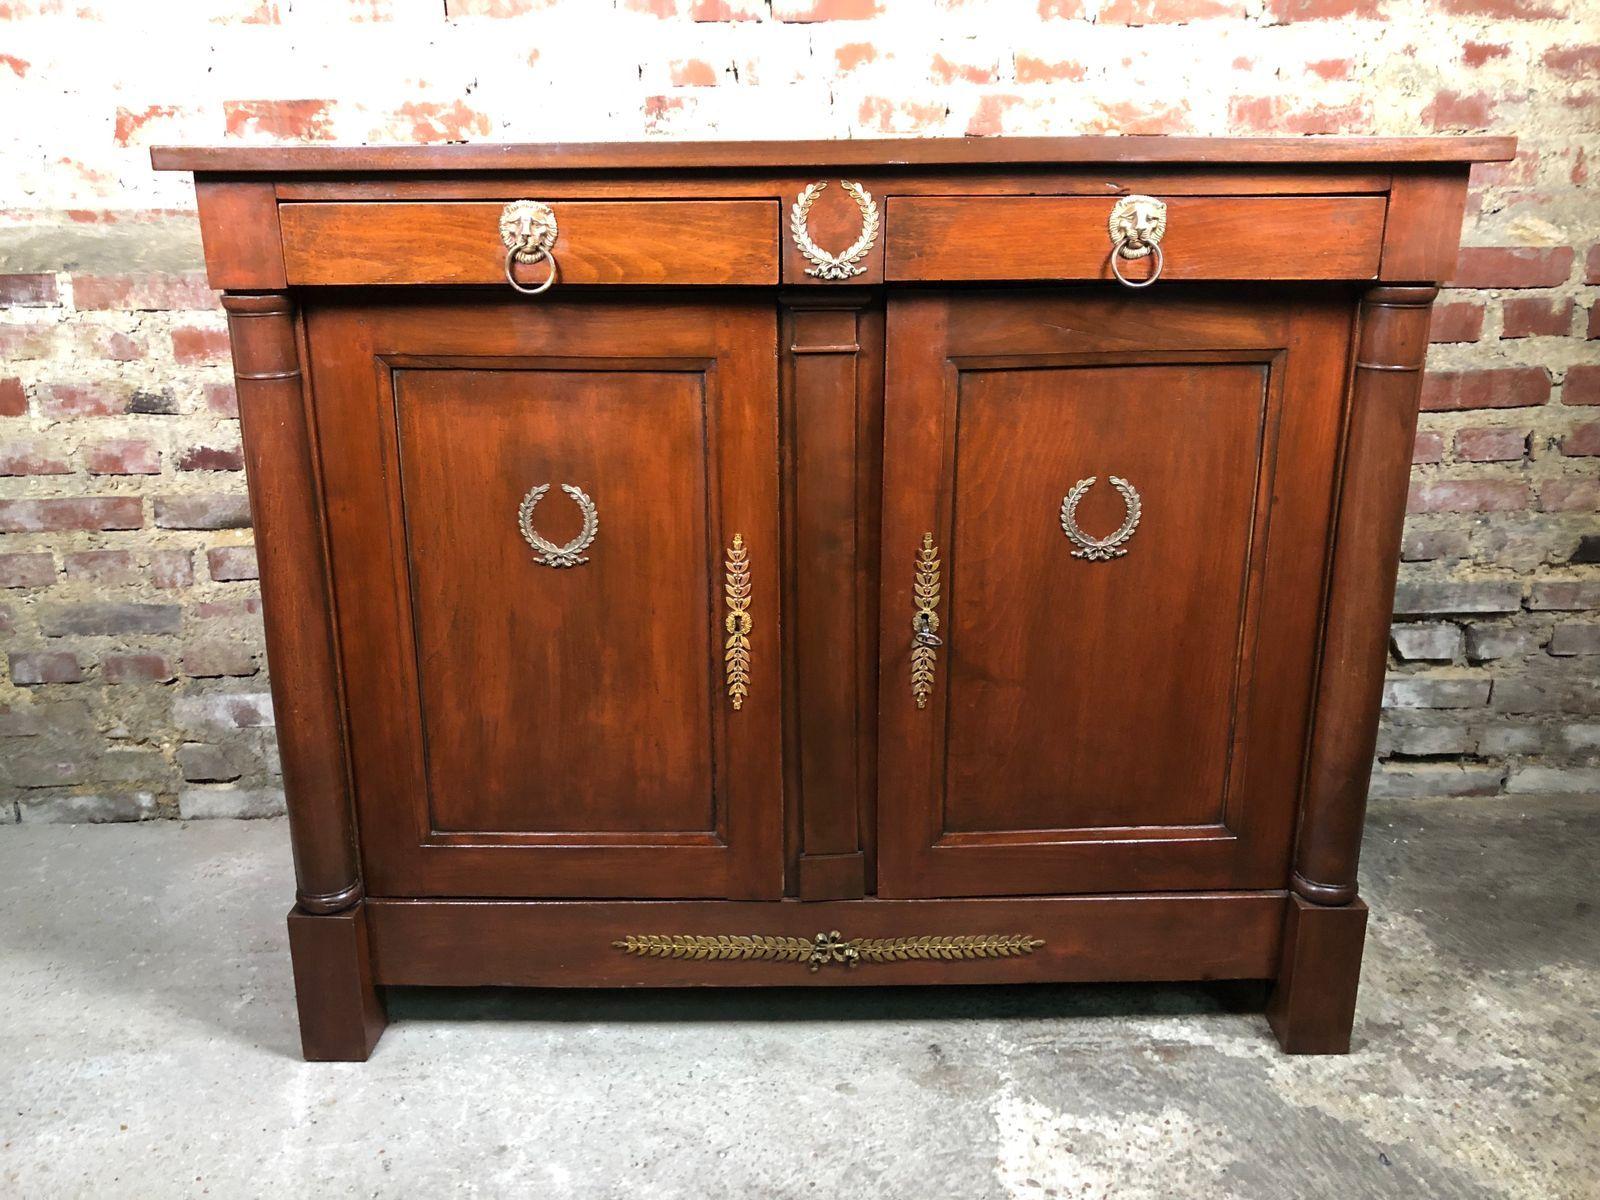 Kommode Vintage Selber Machen Möbel Kommode Hochglanz Kommode Günstig Weiß Kommode Küche Hochkommode Kommode Günstig Kommode Hochglanz Kommode Vintage